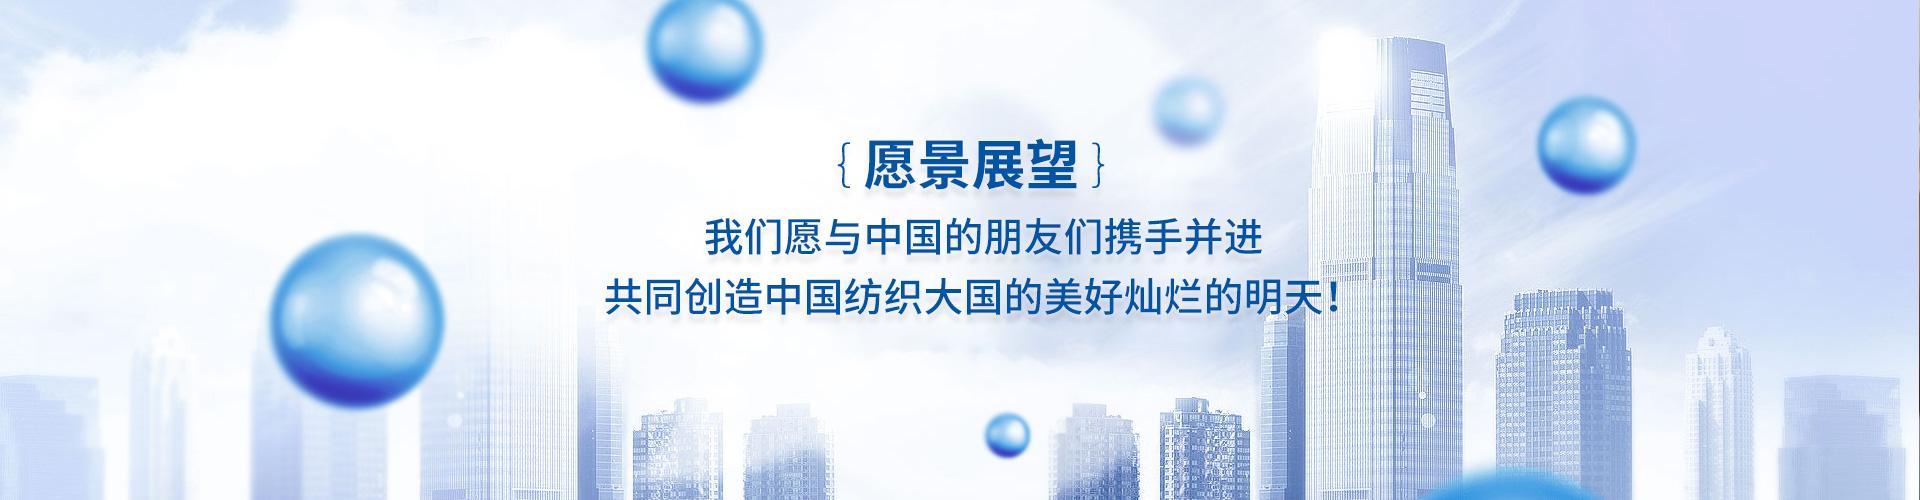 上海灏兴科技有限公司愿景展望